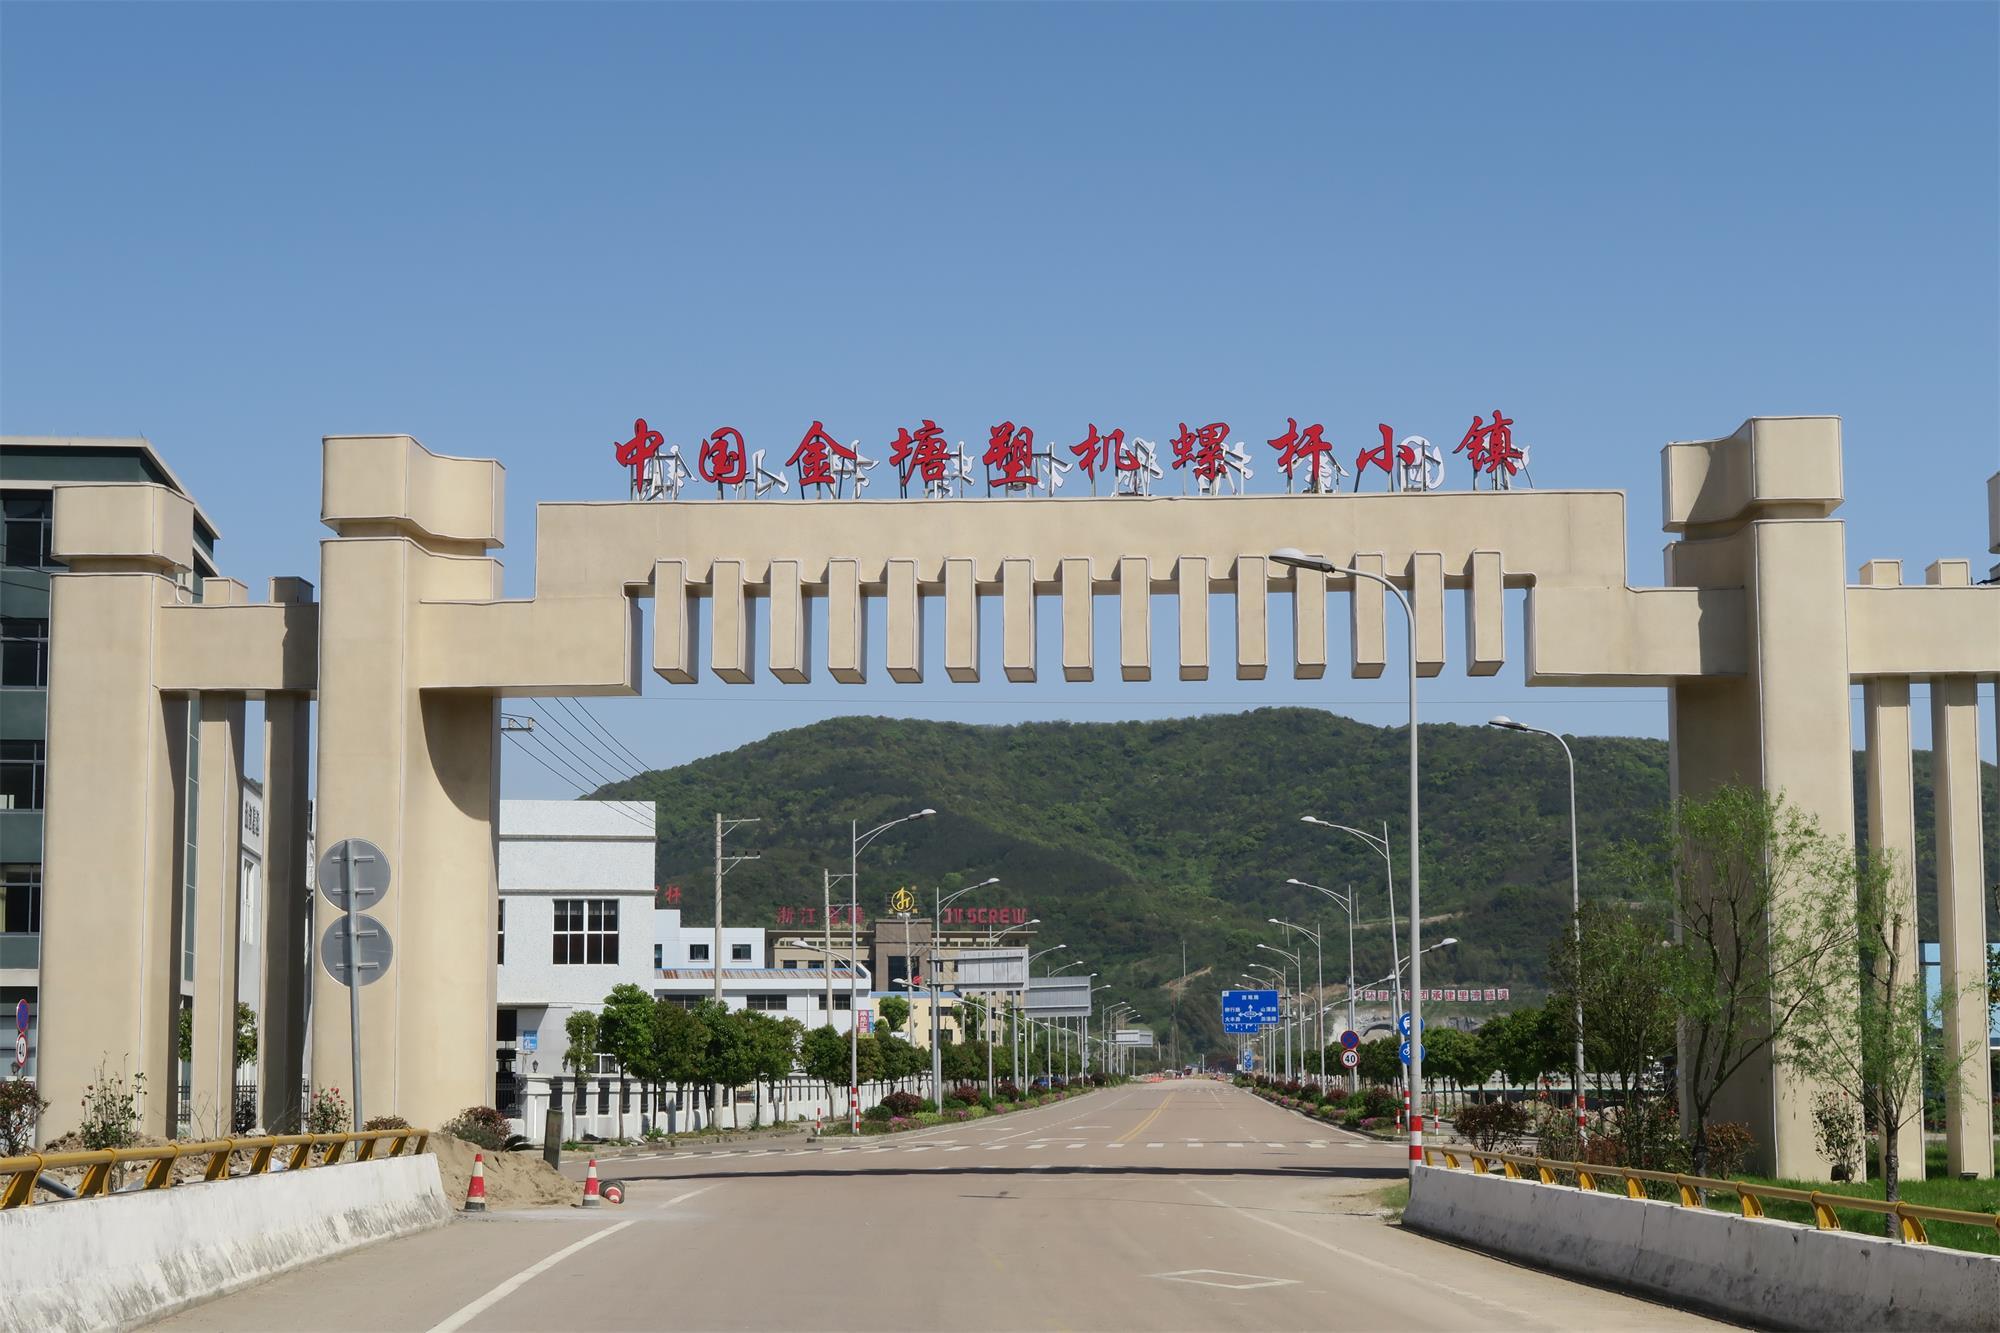 金塘小鎮:不忘初心,共同抗疫,螺桿企業的社會擔當!